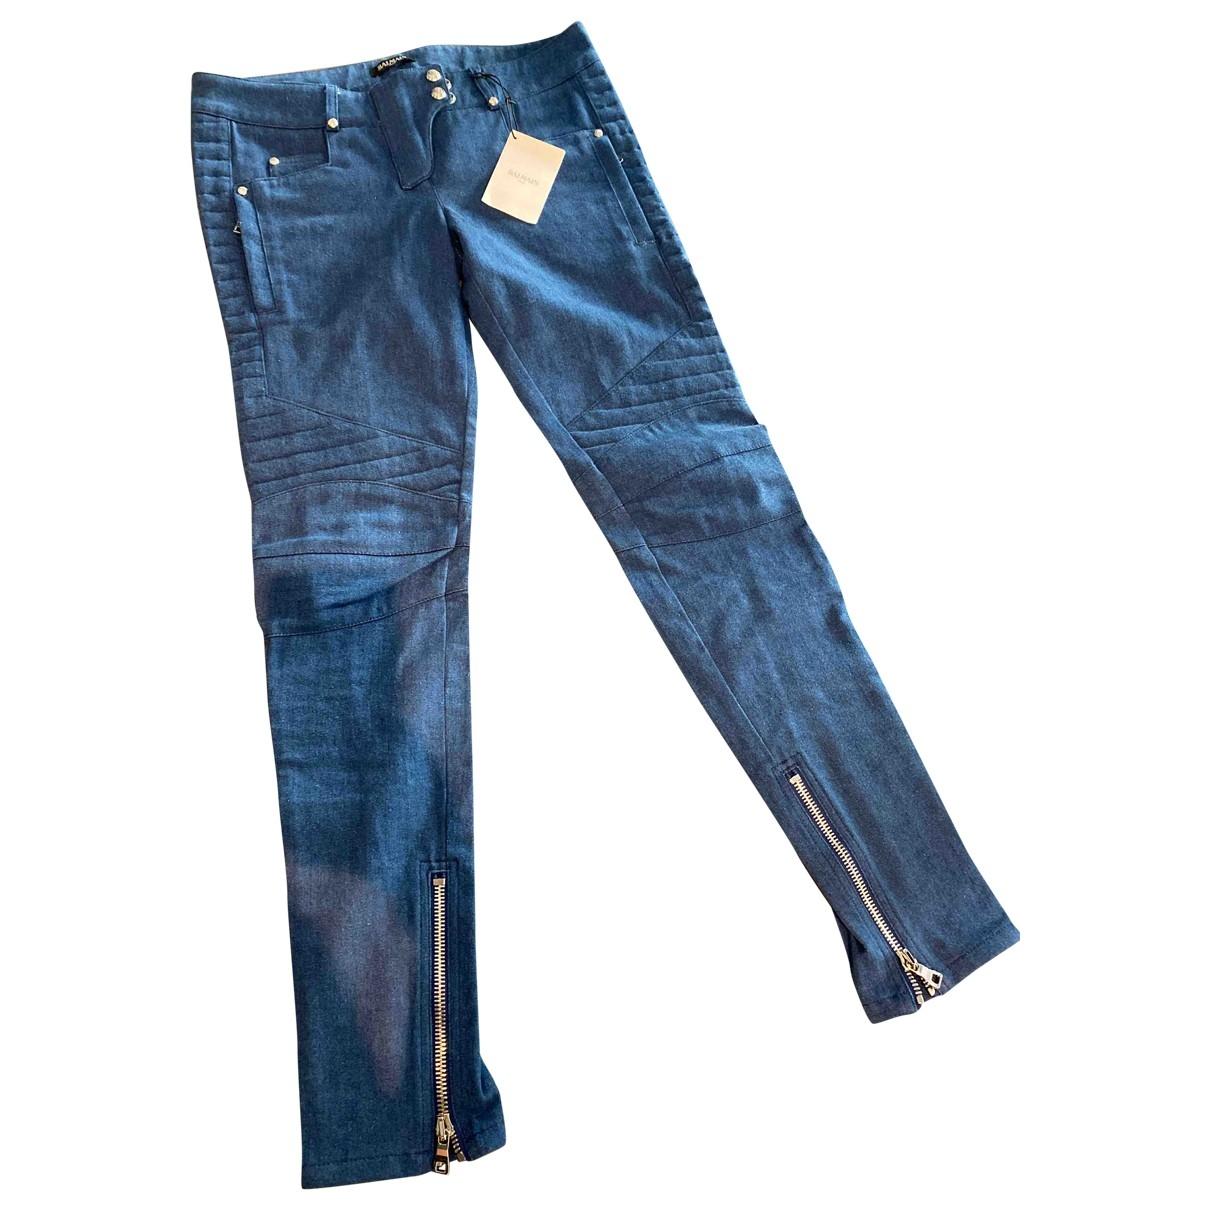 Balmain \N Blue Cotton - elasthane Jeans for Women 40 FR